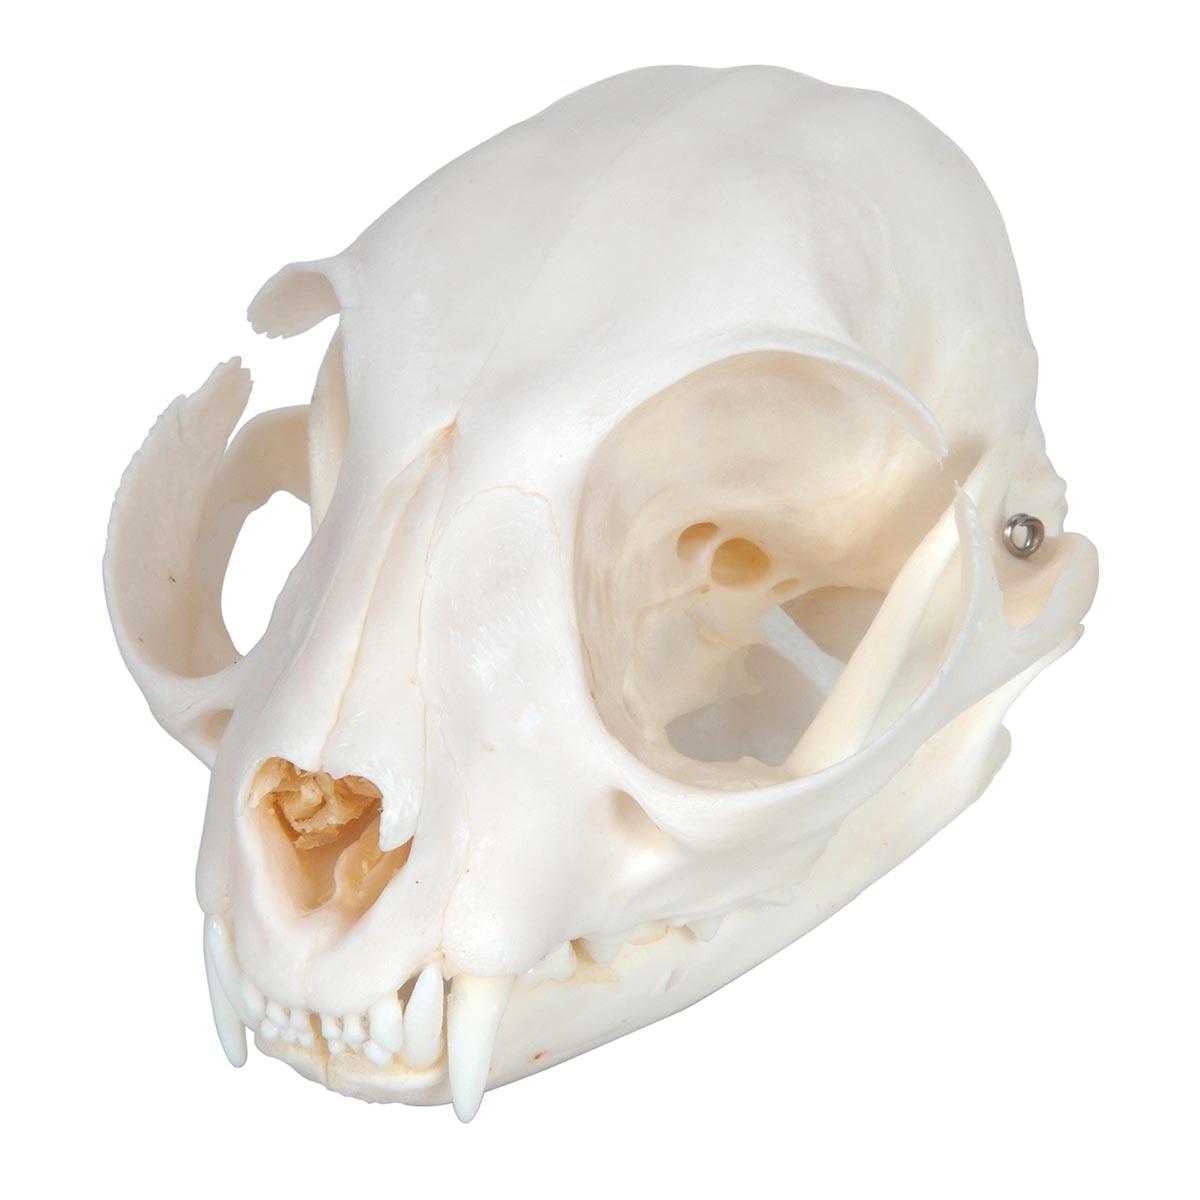 Kattekranie (Felis catus)